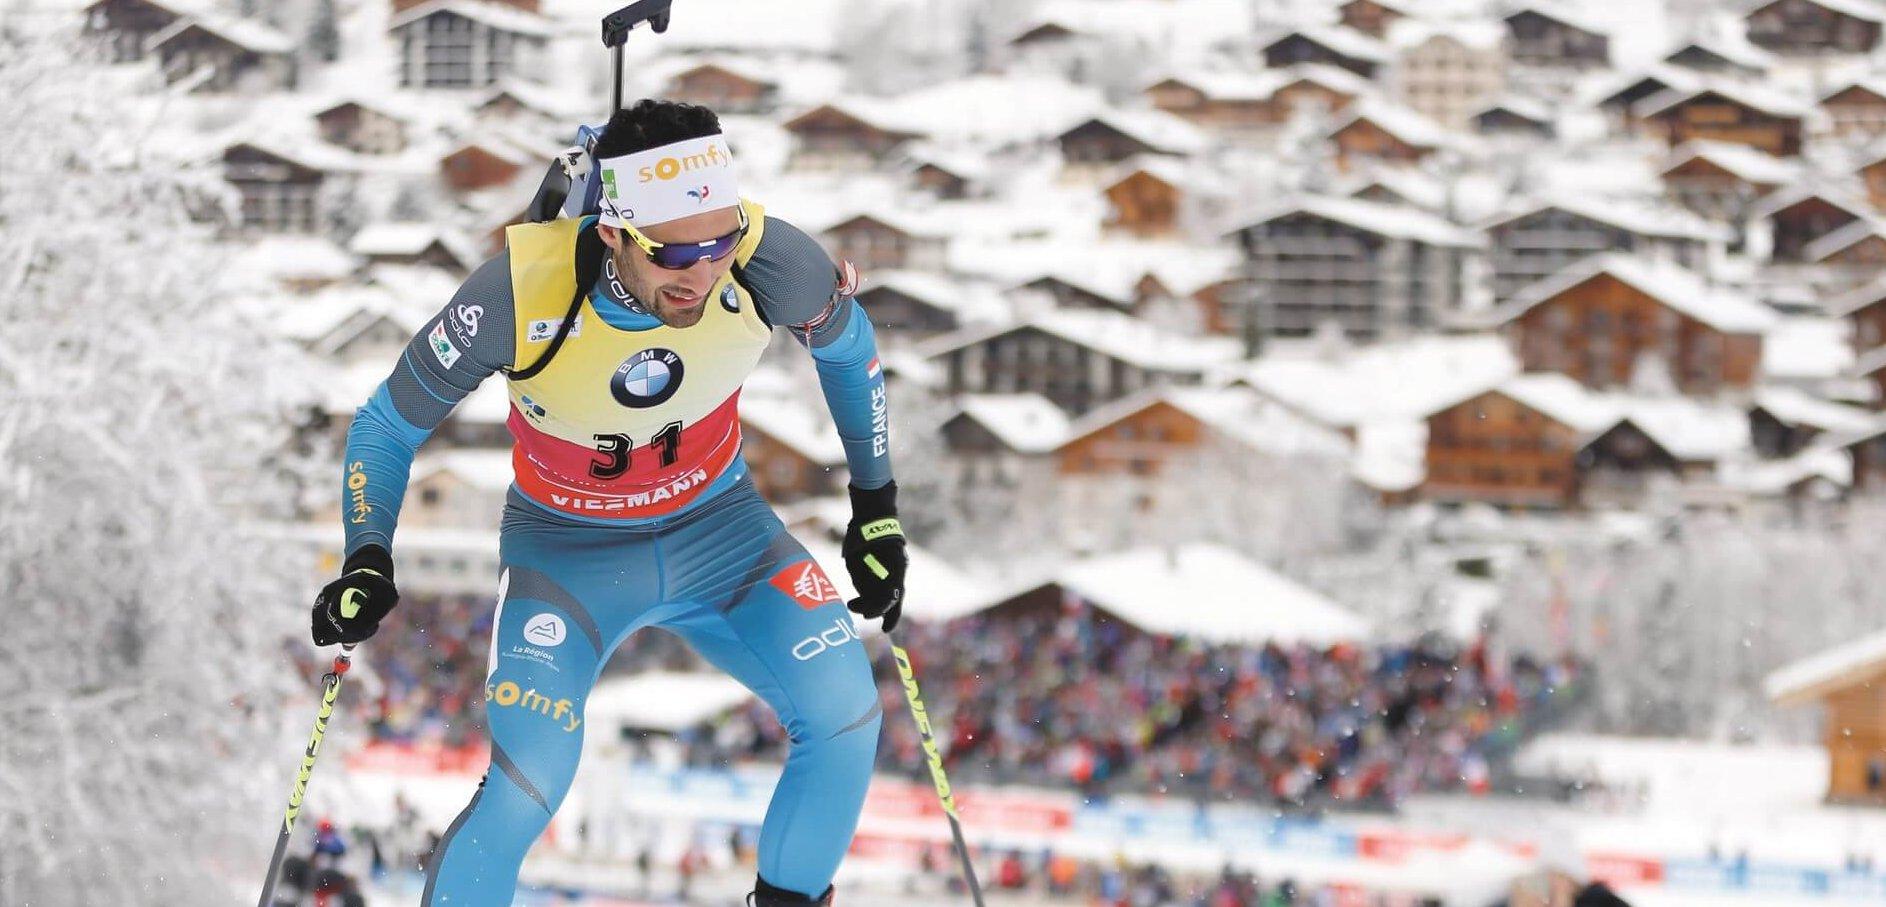 Calendrier Coupe Du Monde Biathlon 2020.La Coupe Du Monde De Biathlon Au Grand Bornand De 2019 A